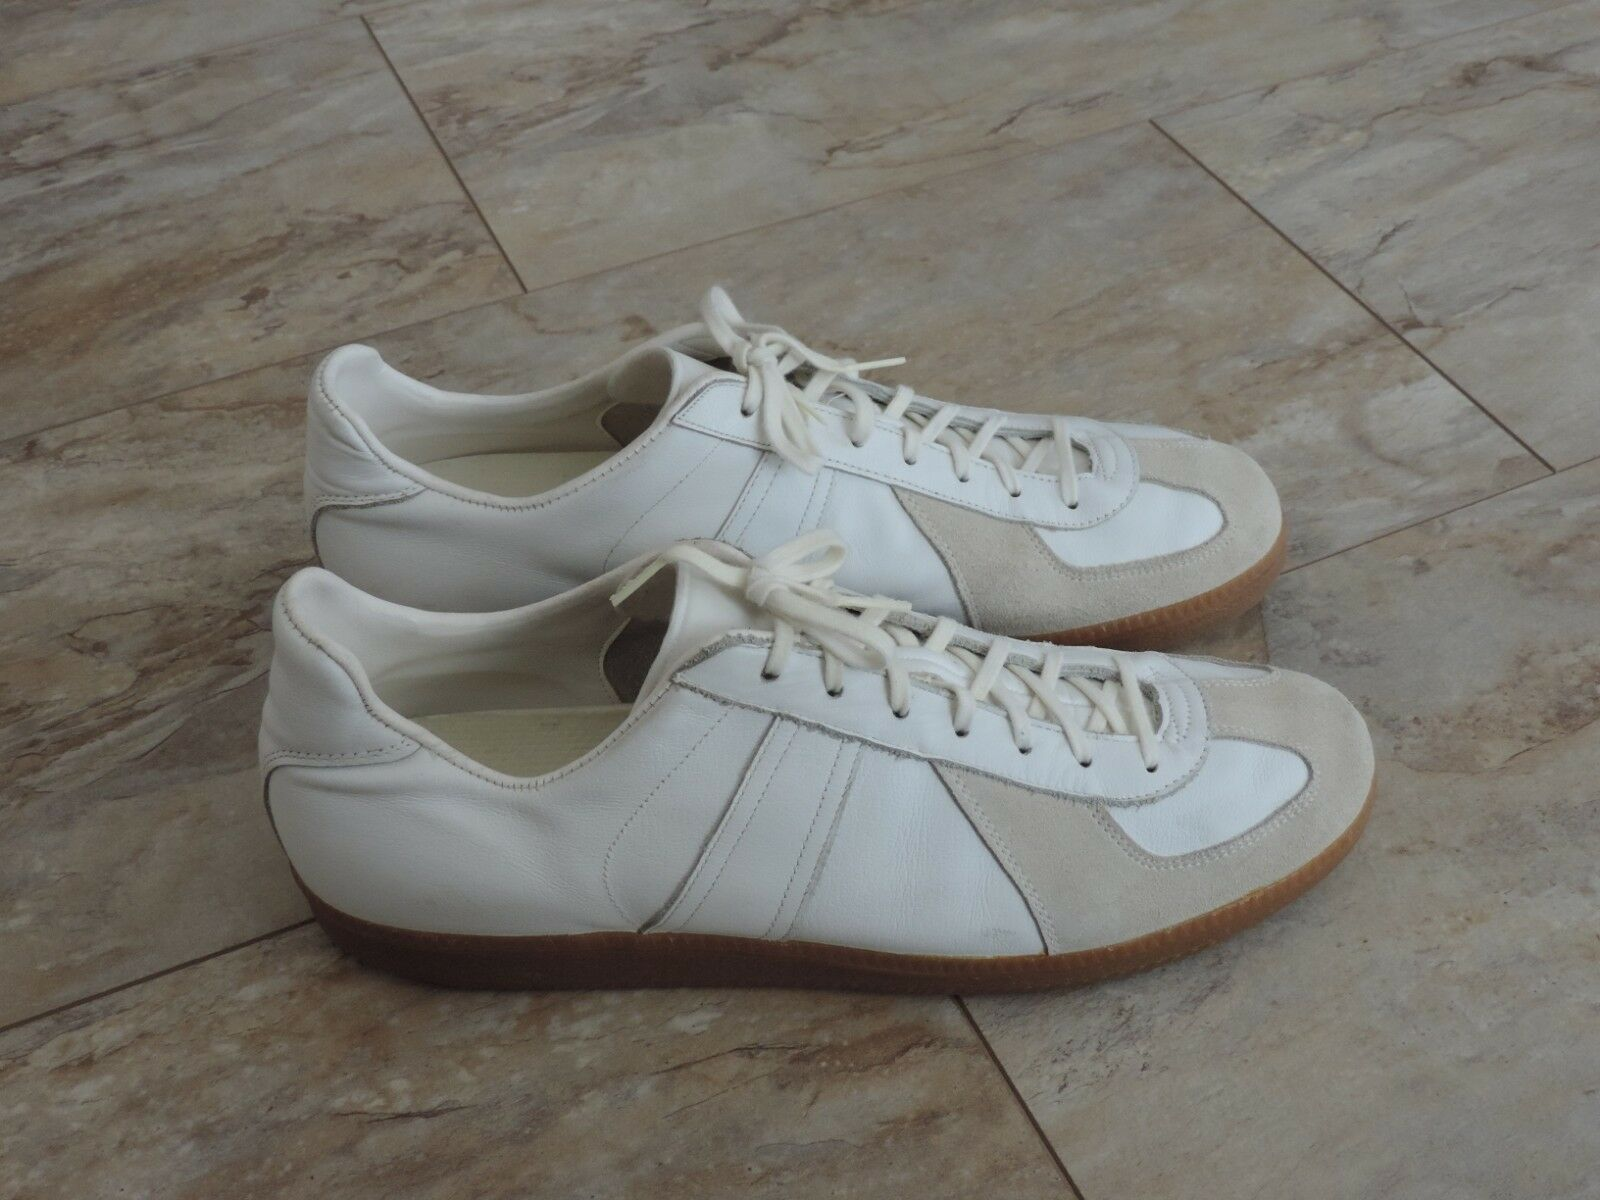 Bundeswehr Sportschuhe, Hallenschuhe, Sneaker, Baugleich adidas Samba, Gr. 300